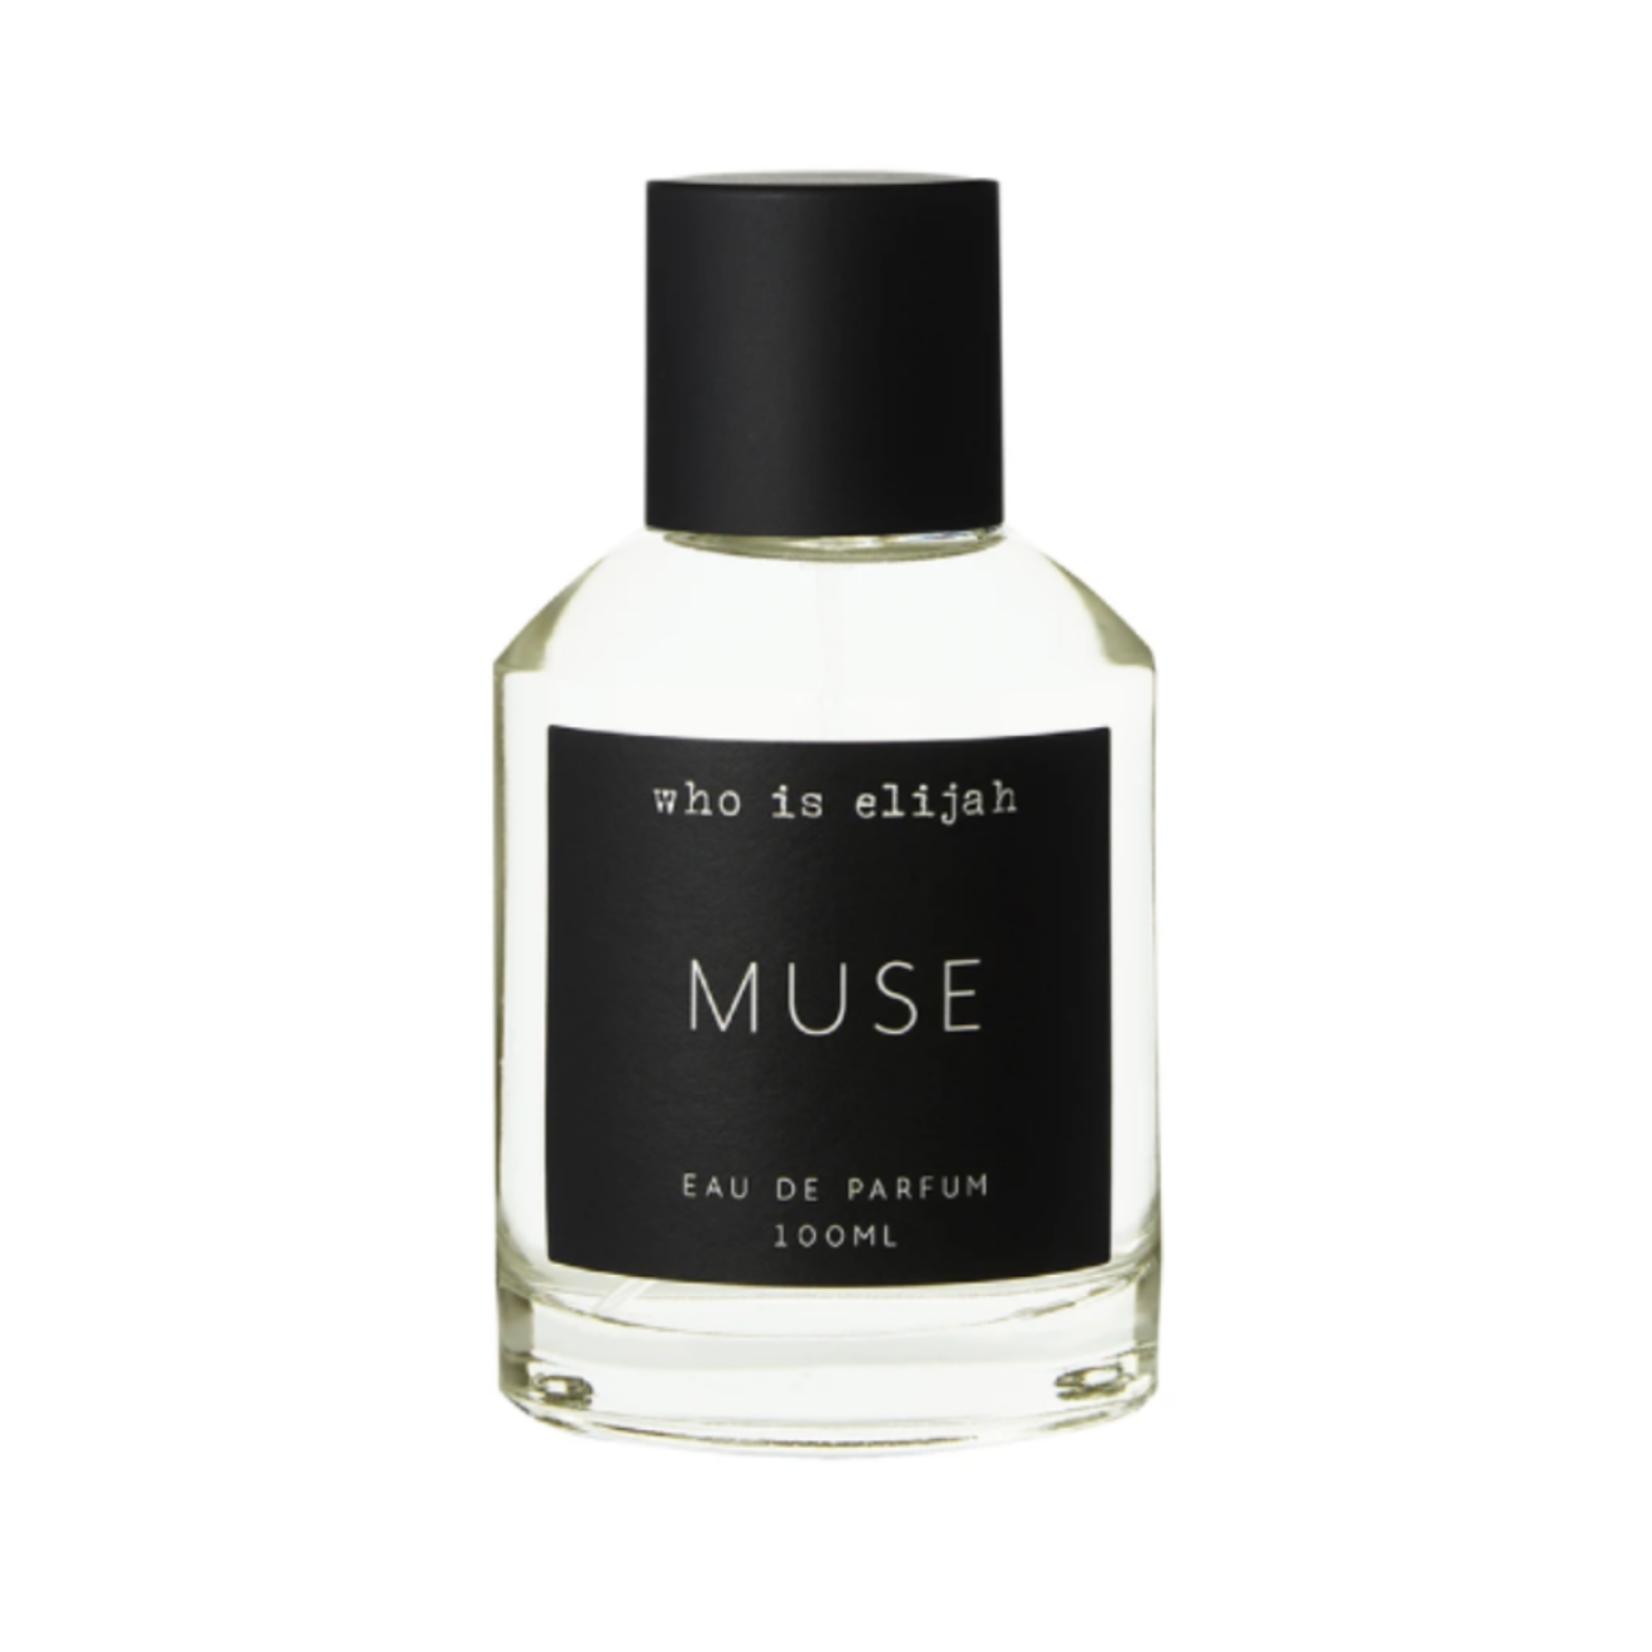 Who Is Elijah Muse Eau De Parfum 100ml